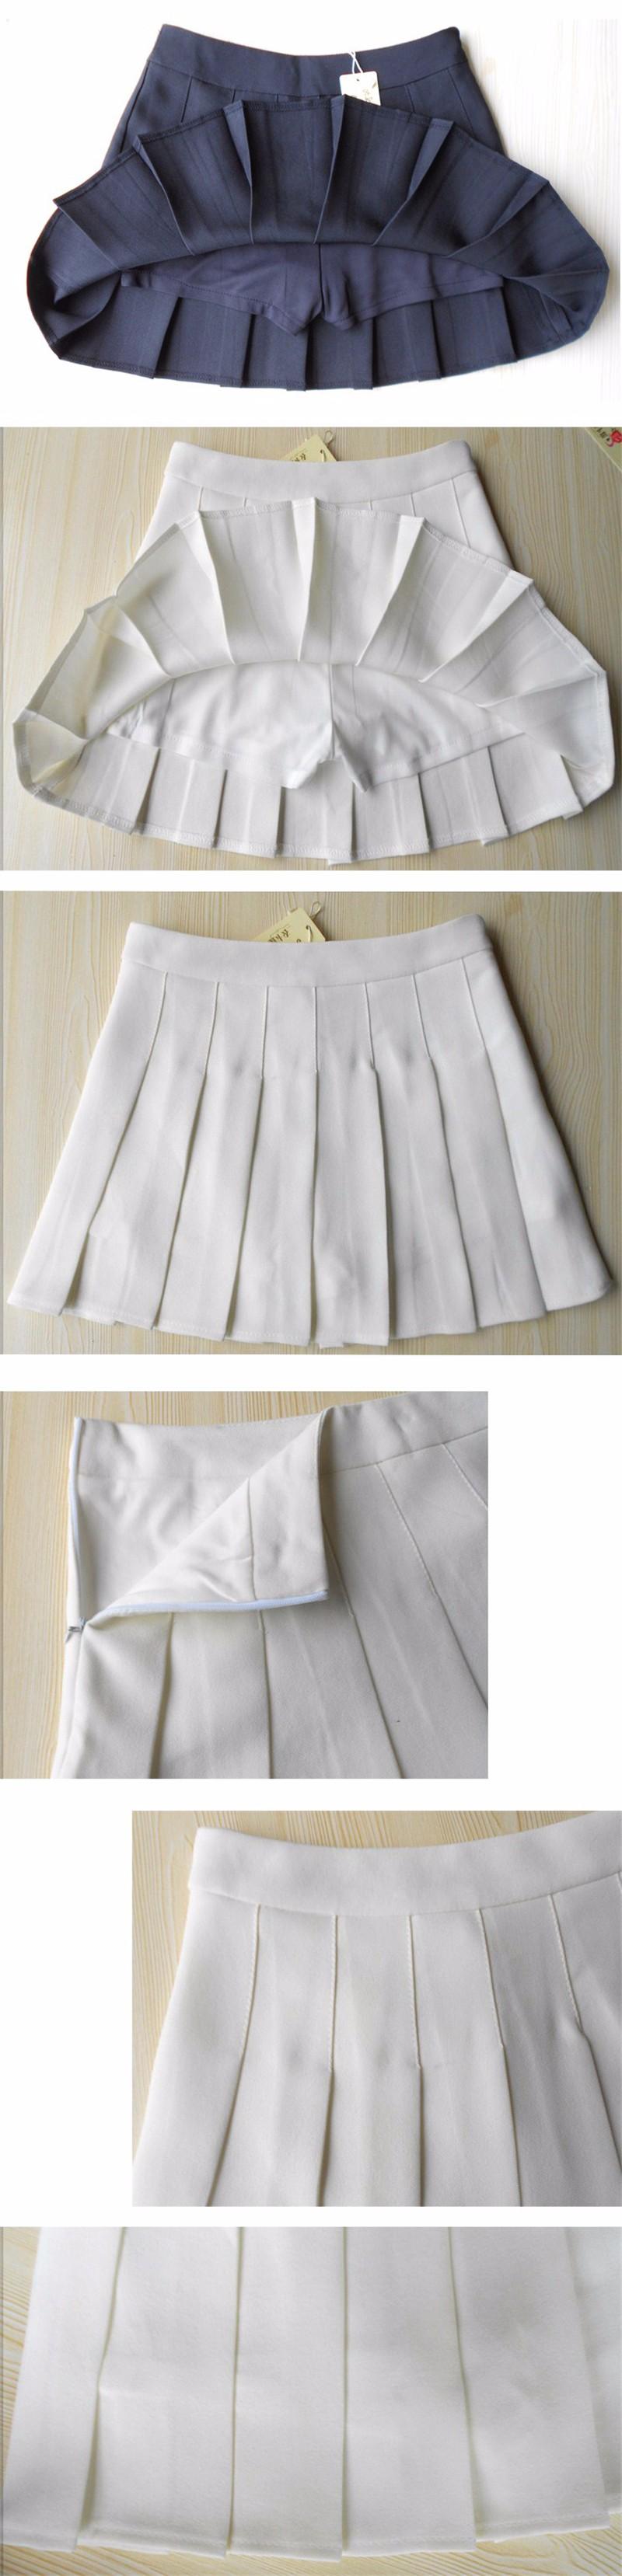 pleated skirt 18